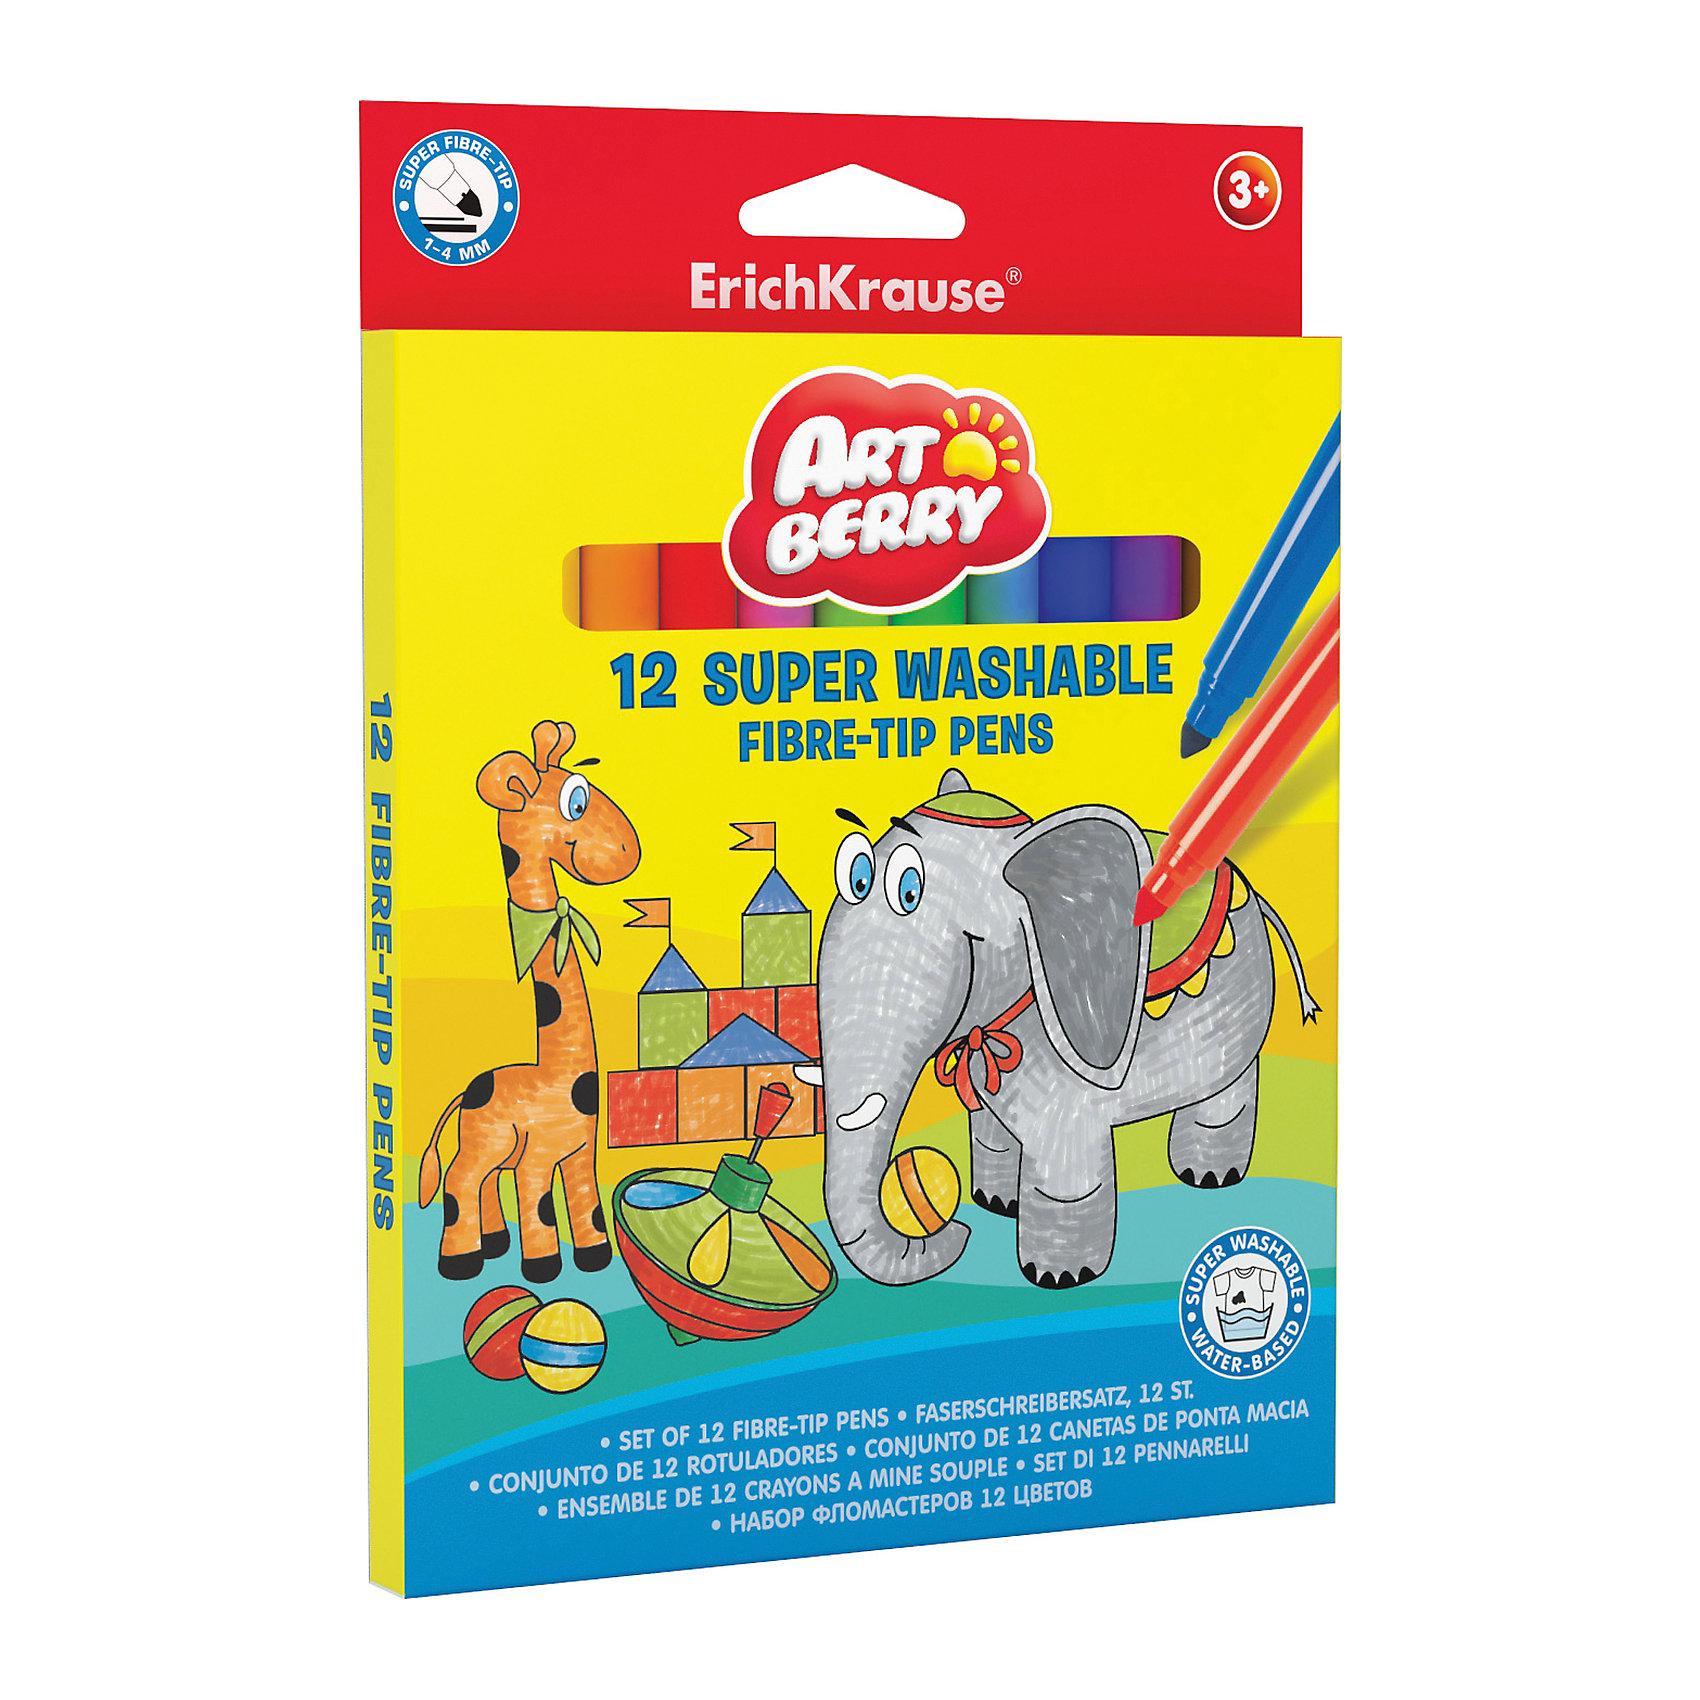 Фломастеры ArtBerry supertip easy washable, 12 цветовПисьменные принадлежности<br>Характеристики товара:<br><br>• материал упаковки: пластик <br>• количество цветов: 12<br>• возраст: от 3 лет<br>• вес: 120 г<br>• страна производитель: Малайзия<br><br>Фломастеры – красивый и яркий материал для творчества. К сожалению, не все дети аккуратно рисуют. Но теперь проблема с удалением сложных пятен от фломастеров решена: новые фломастеры легко смываются водой с любой одежды!<br><br>Товар для творчества «Фломастеры ArtBerry supertip easy washable, 12 цветов можно купить в нашем интернет-магазине.<br><br>Ширина мм: 145<br>Глубина мм: 12<br>Высота мм: 200<br>Вес г: 120<br>Возраст от месяцев: 36<br>Возраст до месяцев: 2147483647<br>Пол: Унисекс<br>Возраст: Детский<br>SKU: 5409257